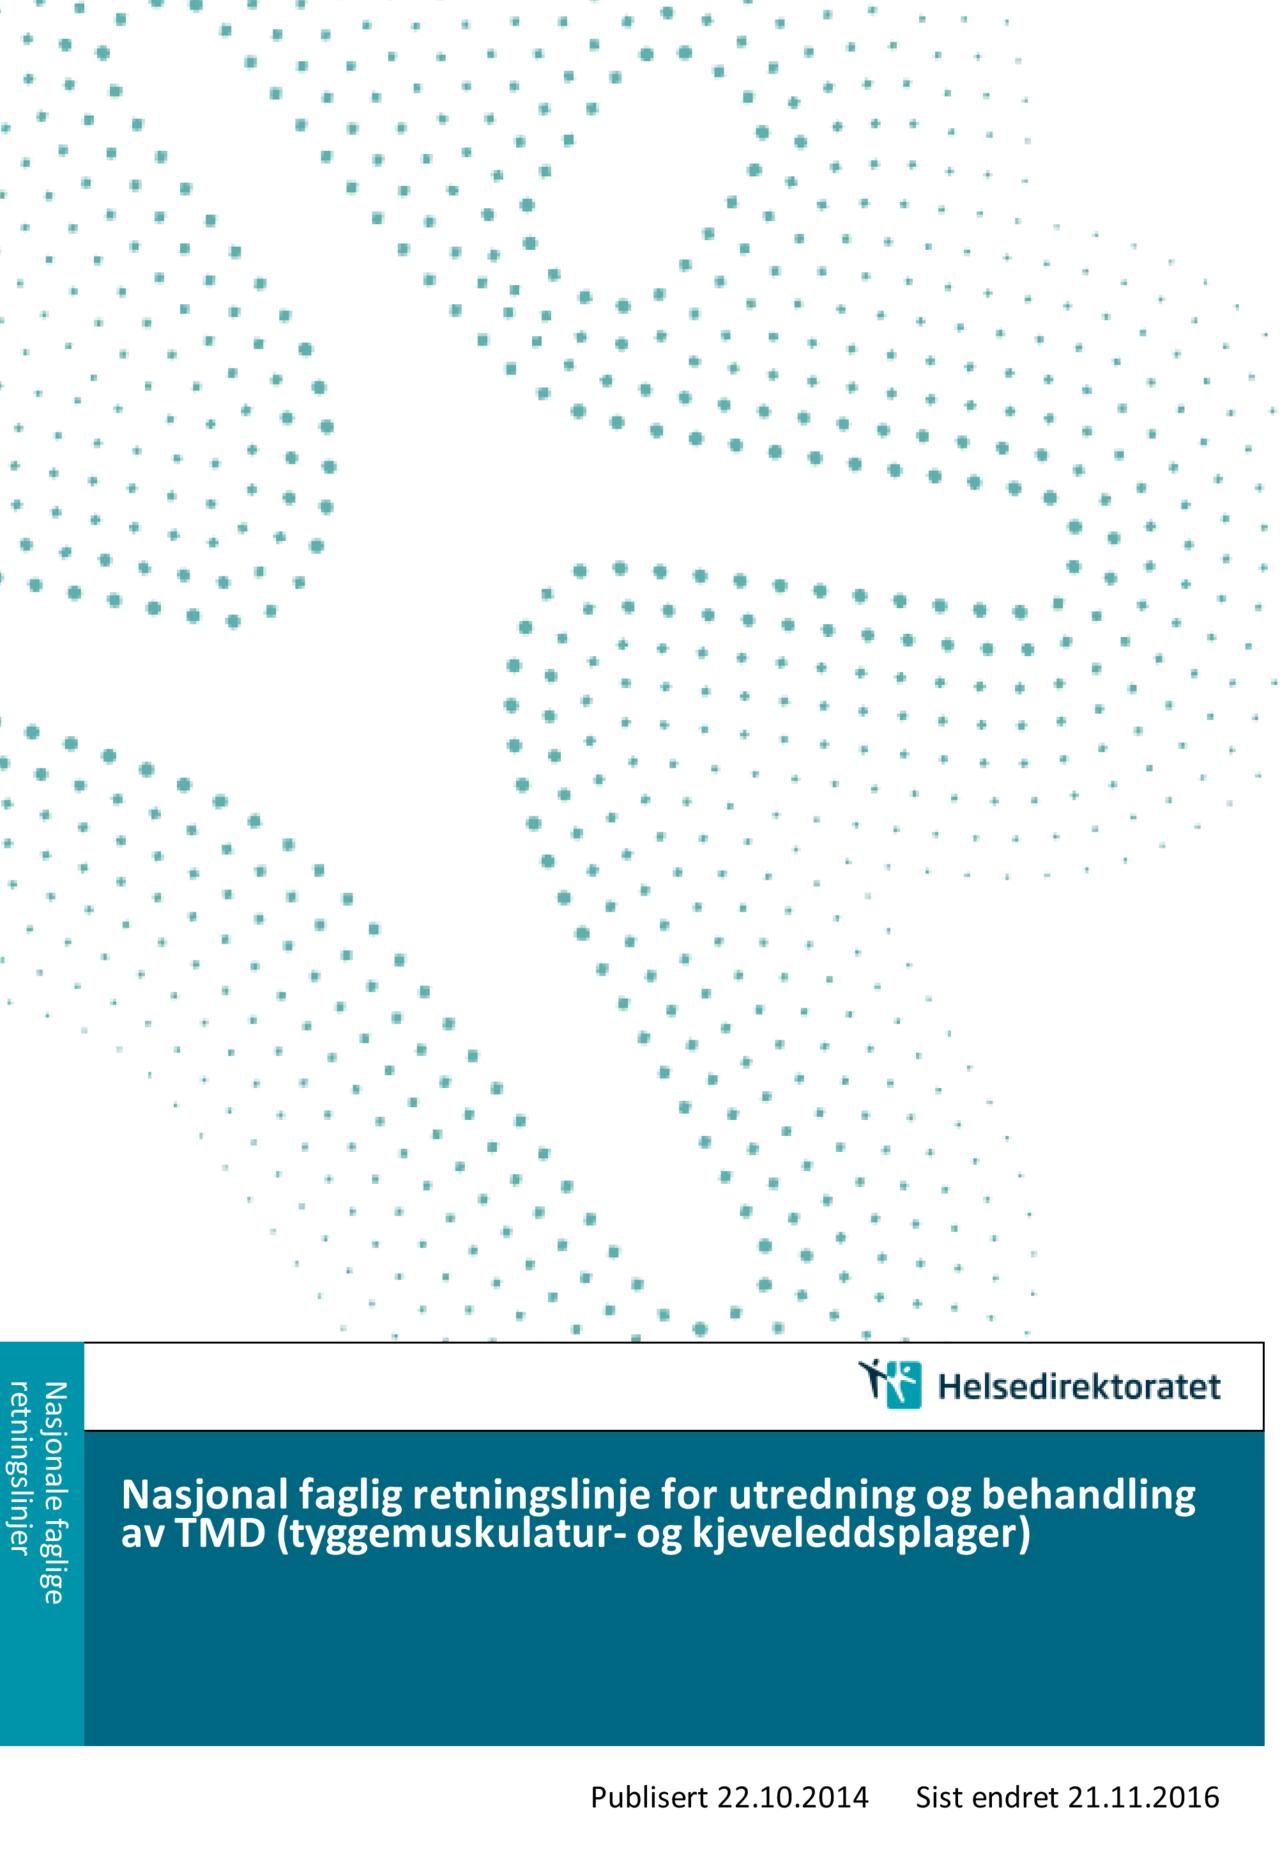 Nasjonale retningslinjer TMD 2016